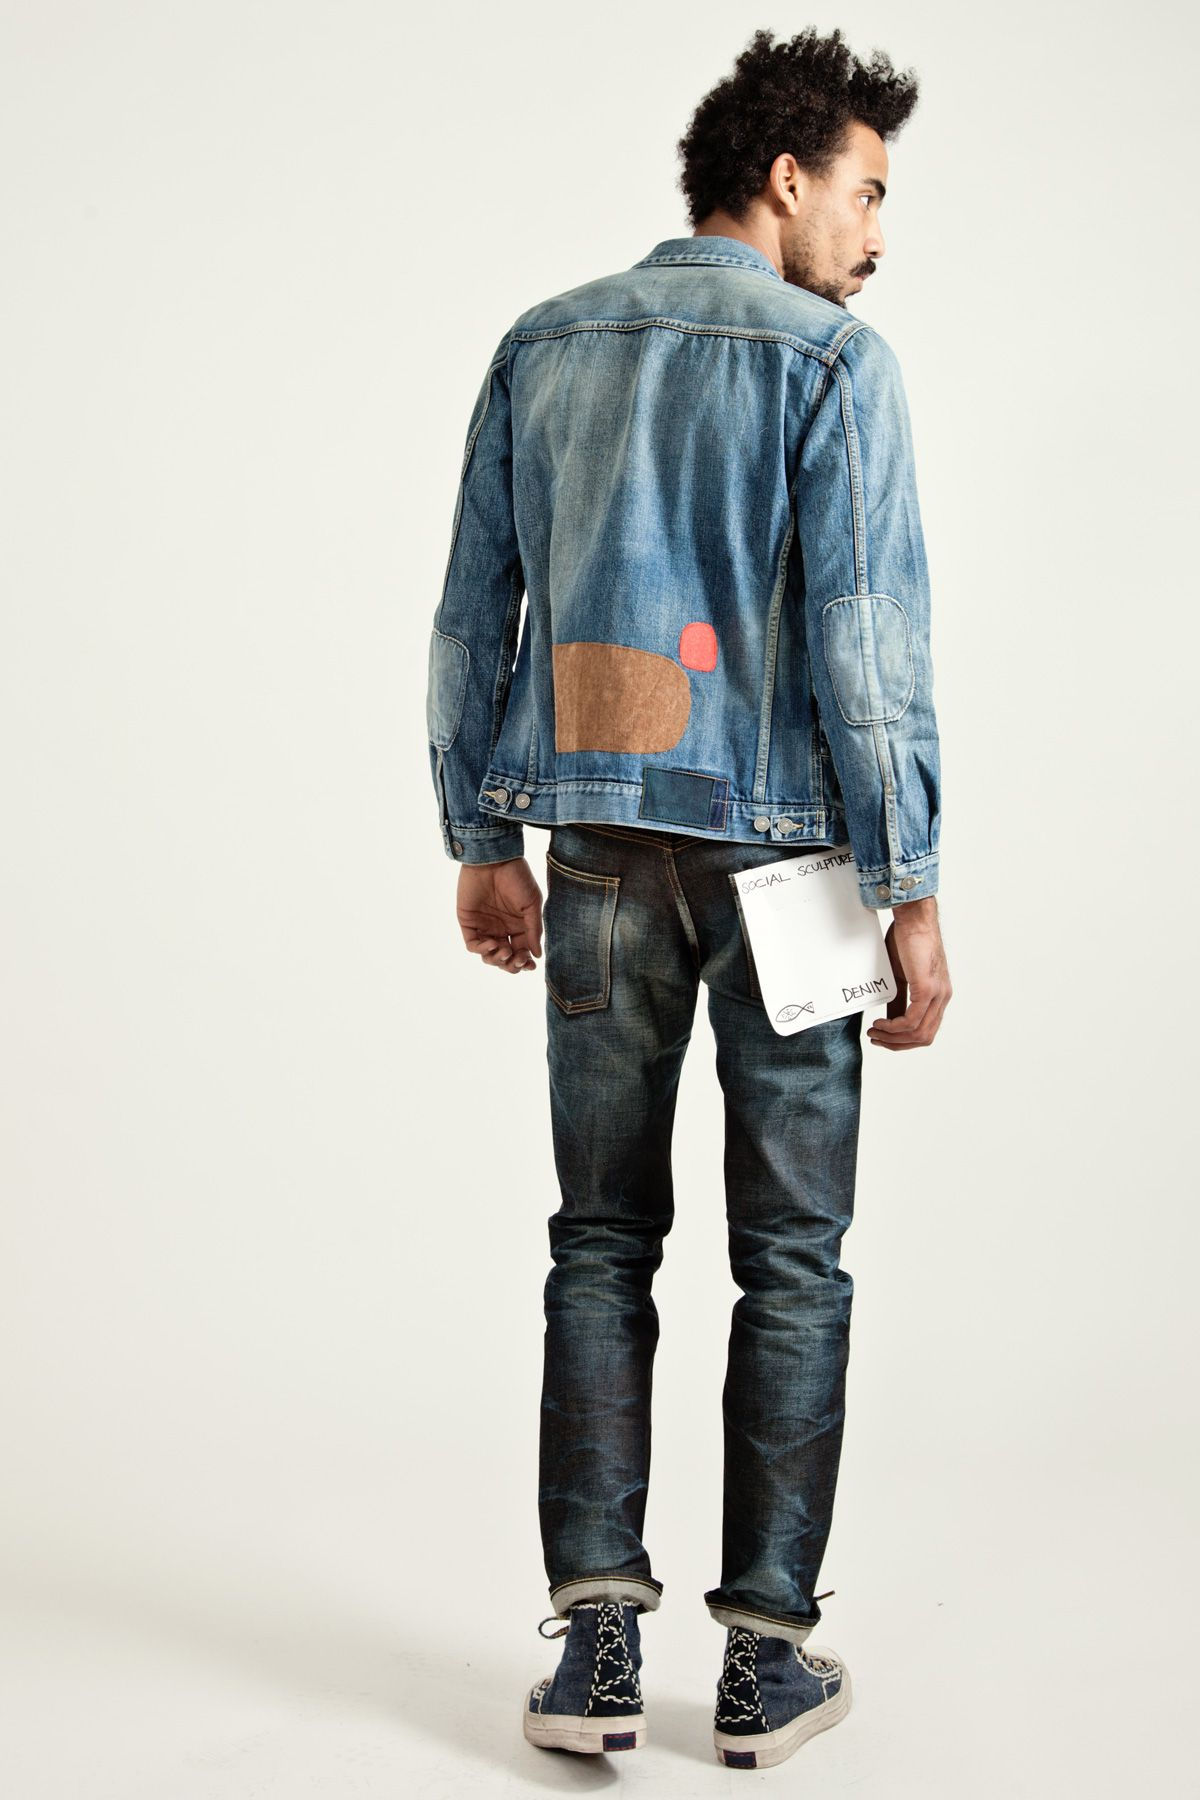 Visvim--Social Sculpture 101 Jacket